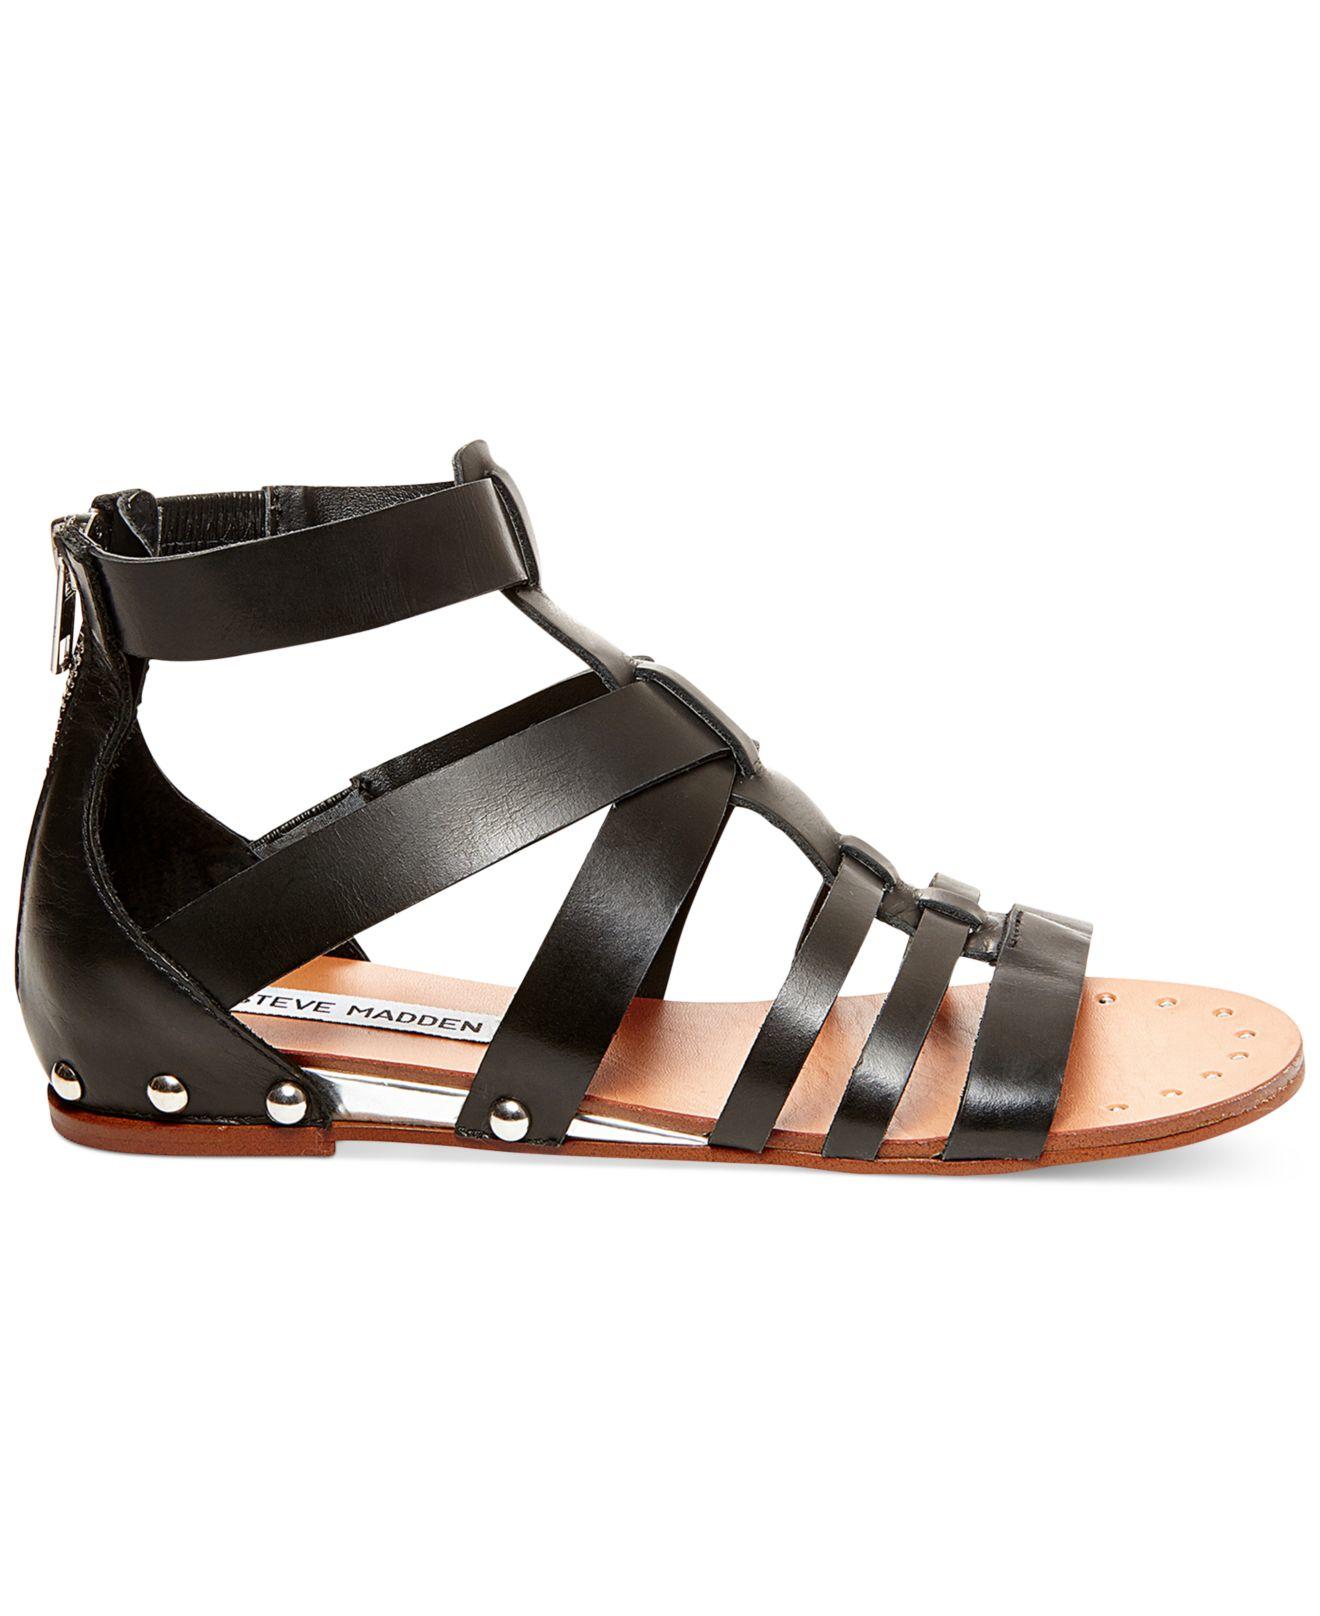 steve madden drastik flat gladiator sandals in black lyst. Black Bedroom Furniture Sets. Home Design Ideas